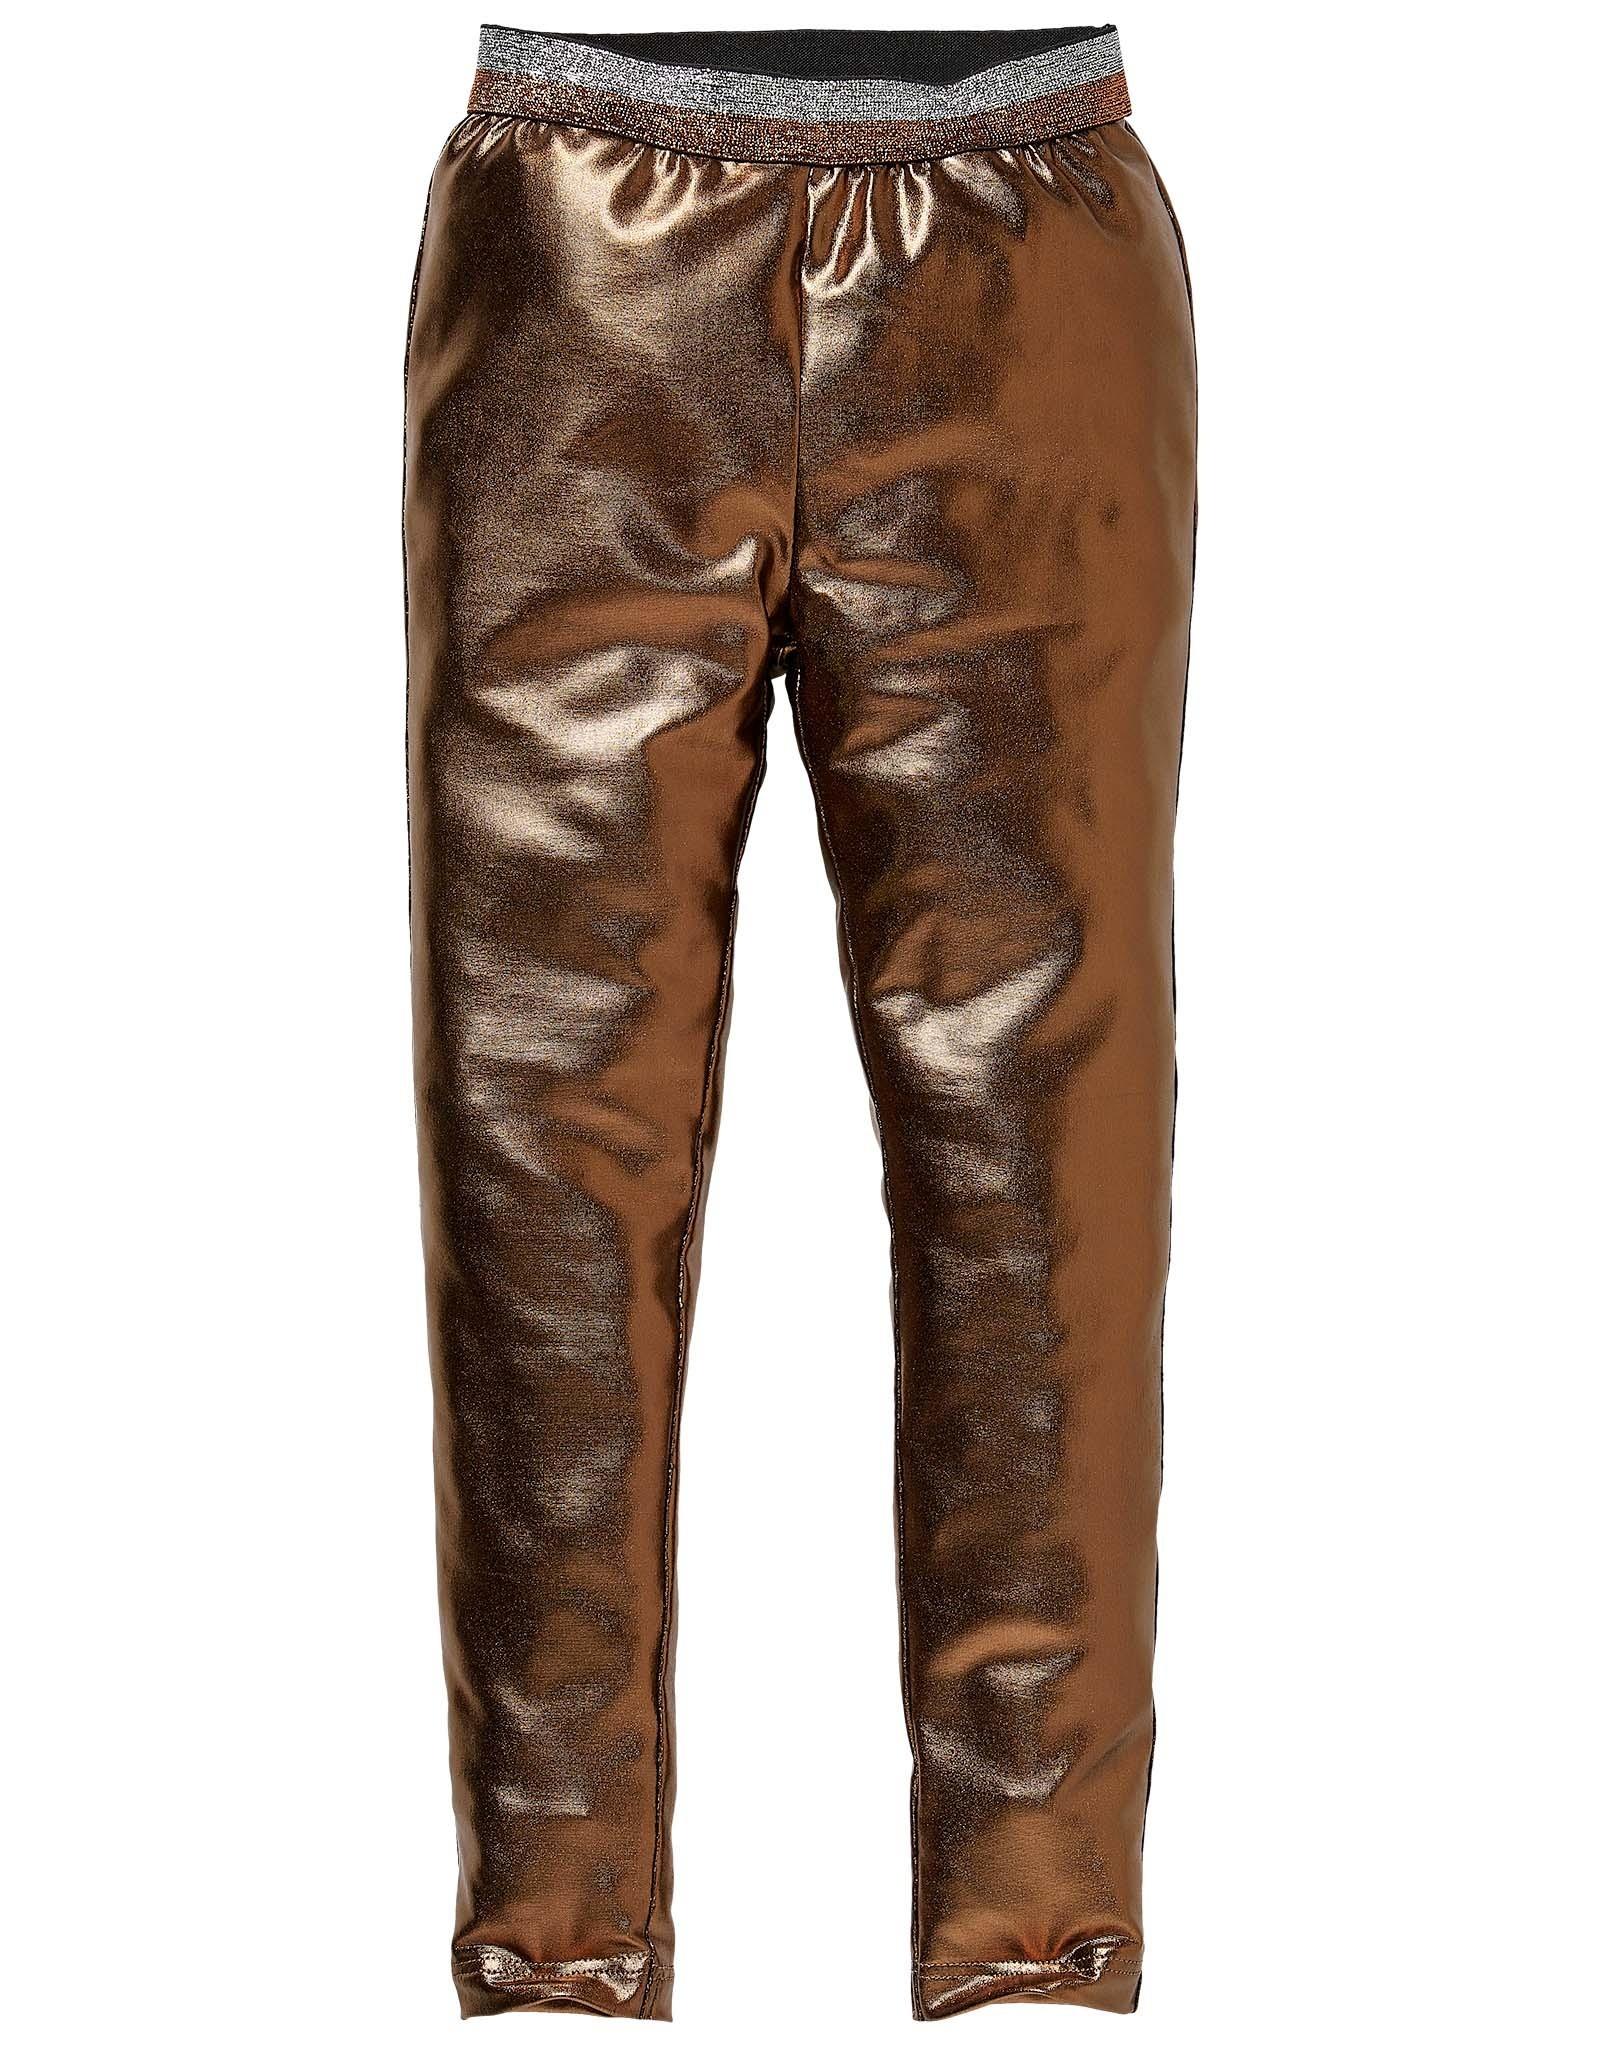 Quapi Quapi legging Kinza bronze